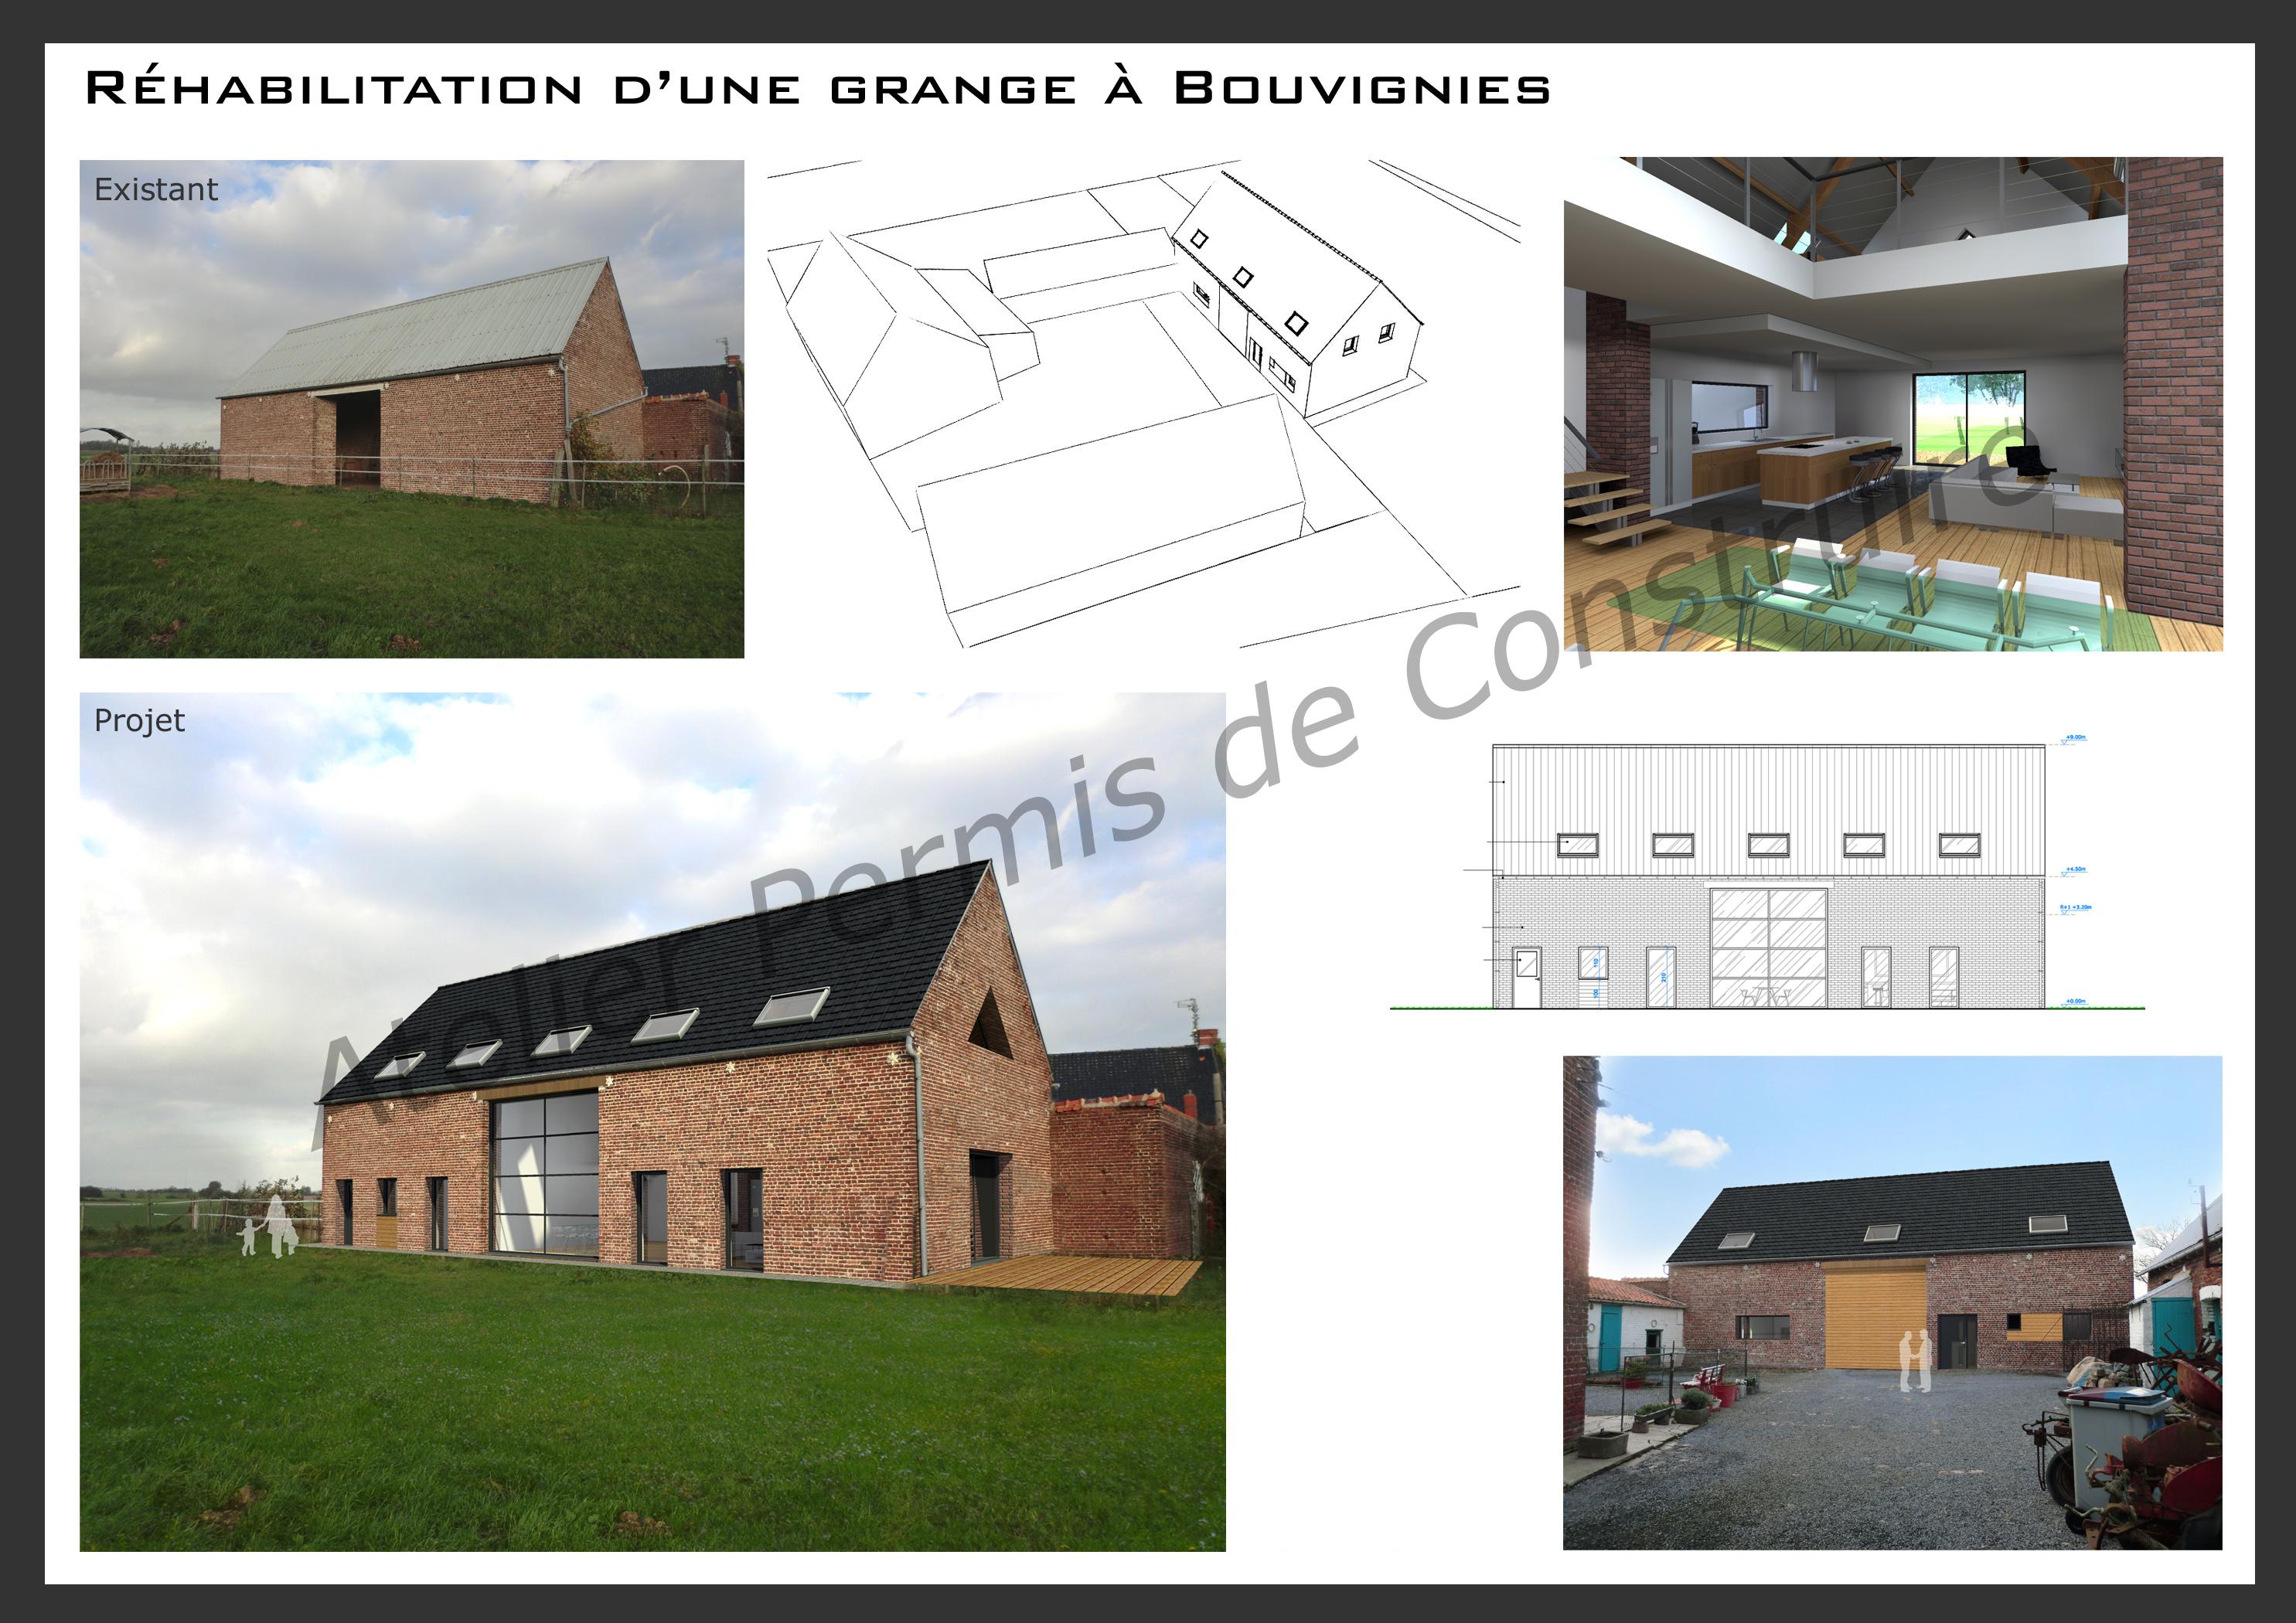 R habilitation d 39 une grange bouvignies - Rehabilitation d une grange en habitation ...